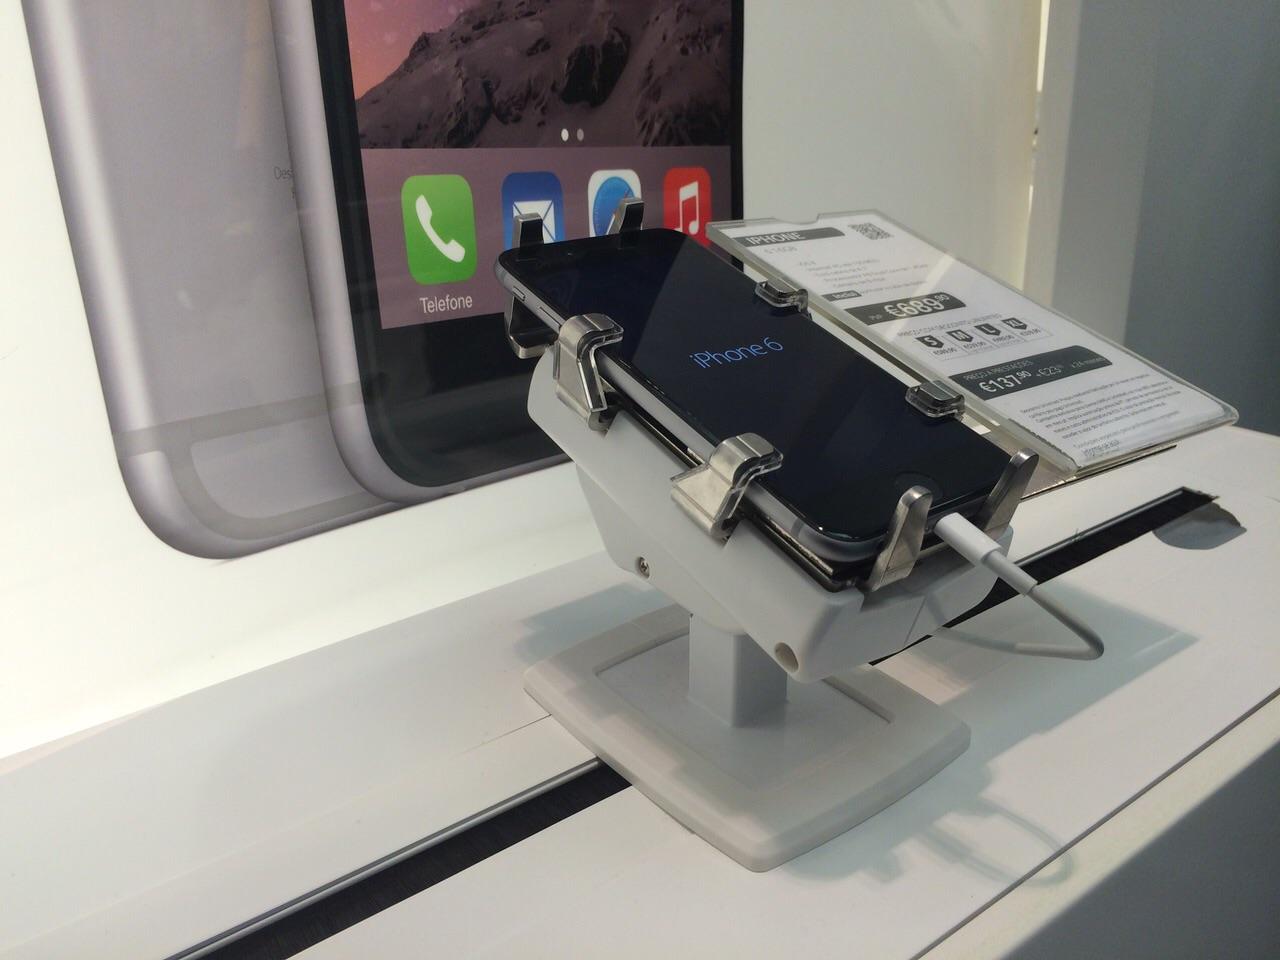 gripzo-secures-iphone-6-black-screen-.jpg